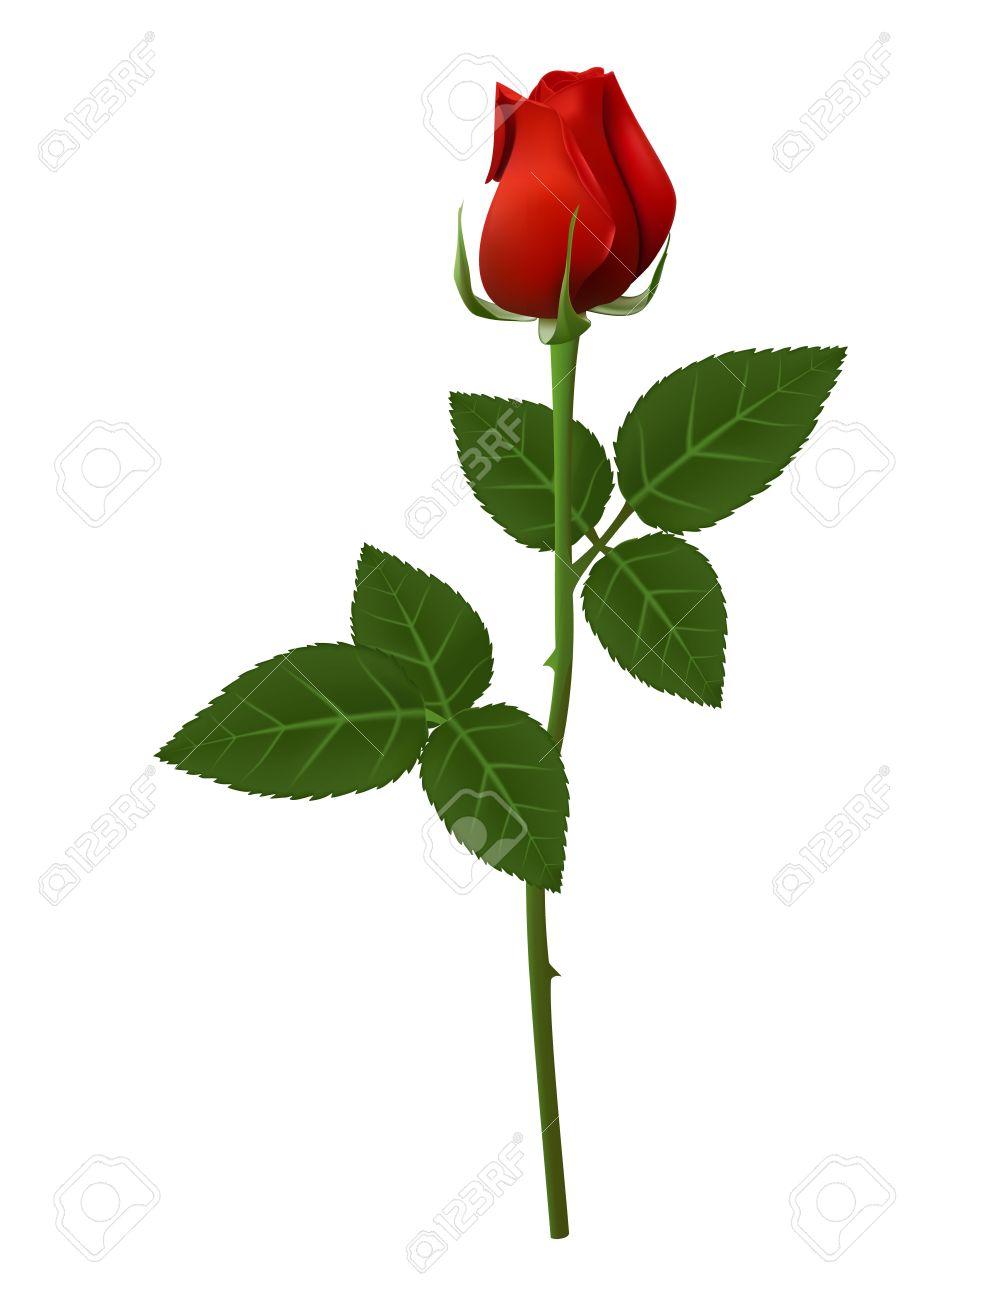 Erfreut Rose Blume Anatomie Bilder - Anatomie Von Menschlichen ...